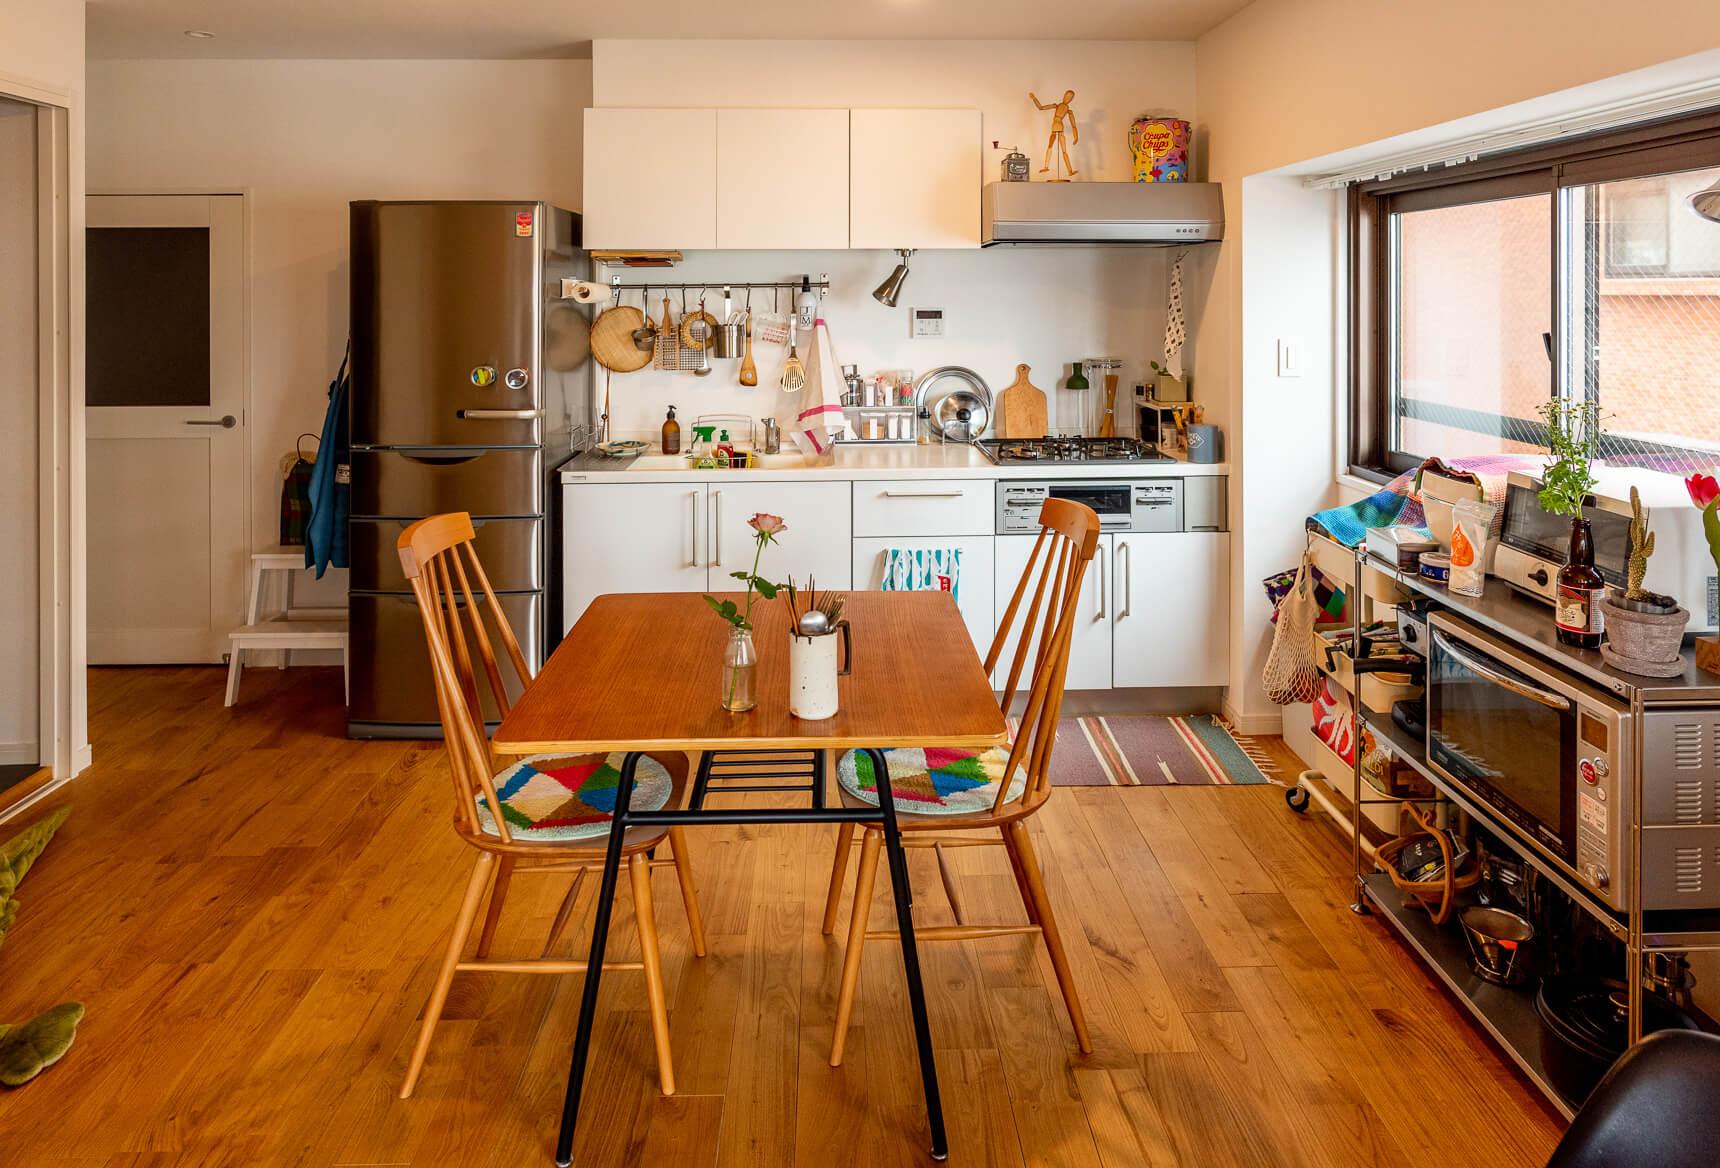 「キッチン、床、窓は後から変えられないから、そこを見ました」というお話になるほど、と思った。